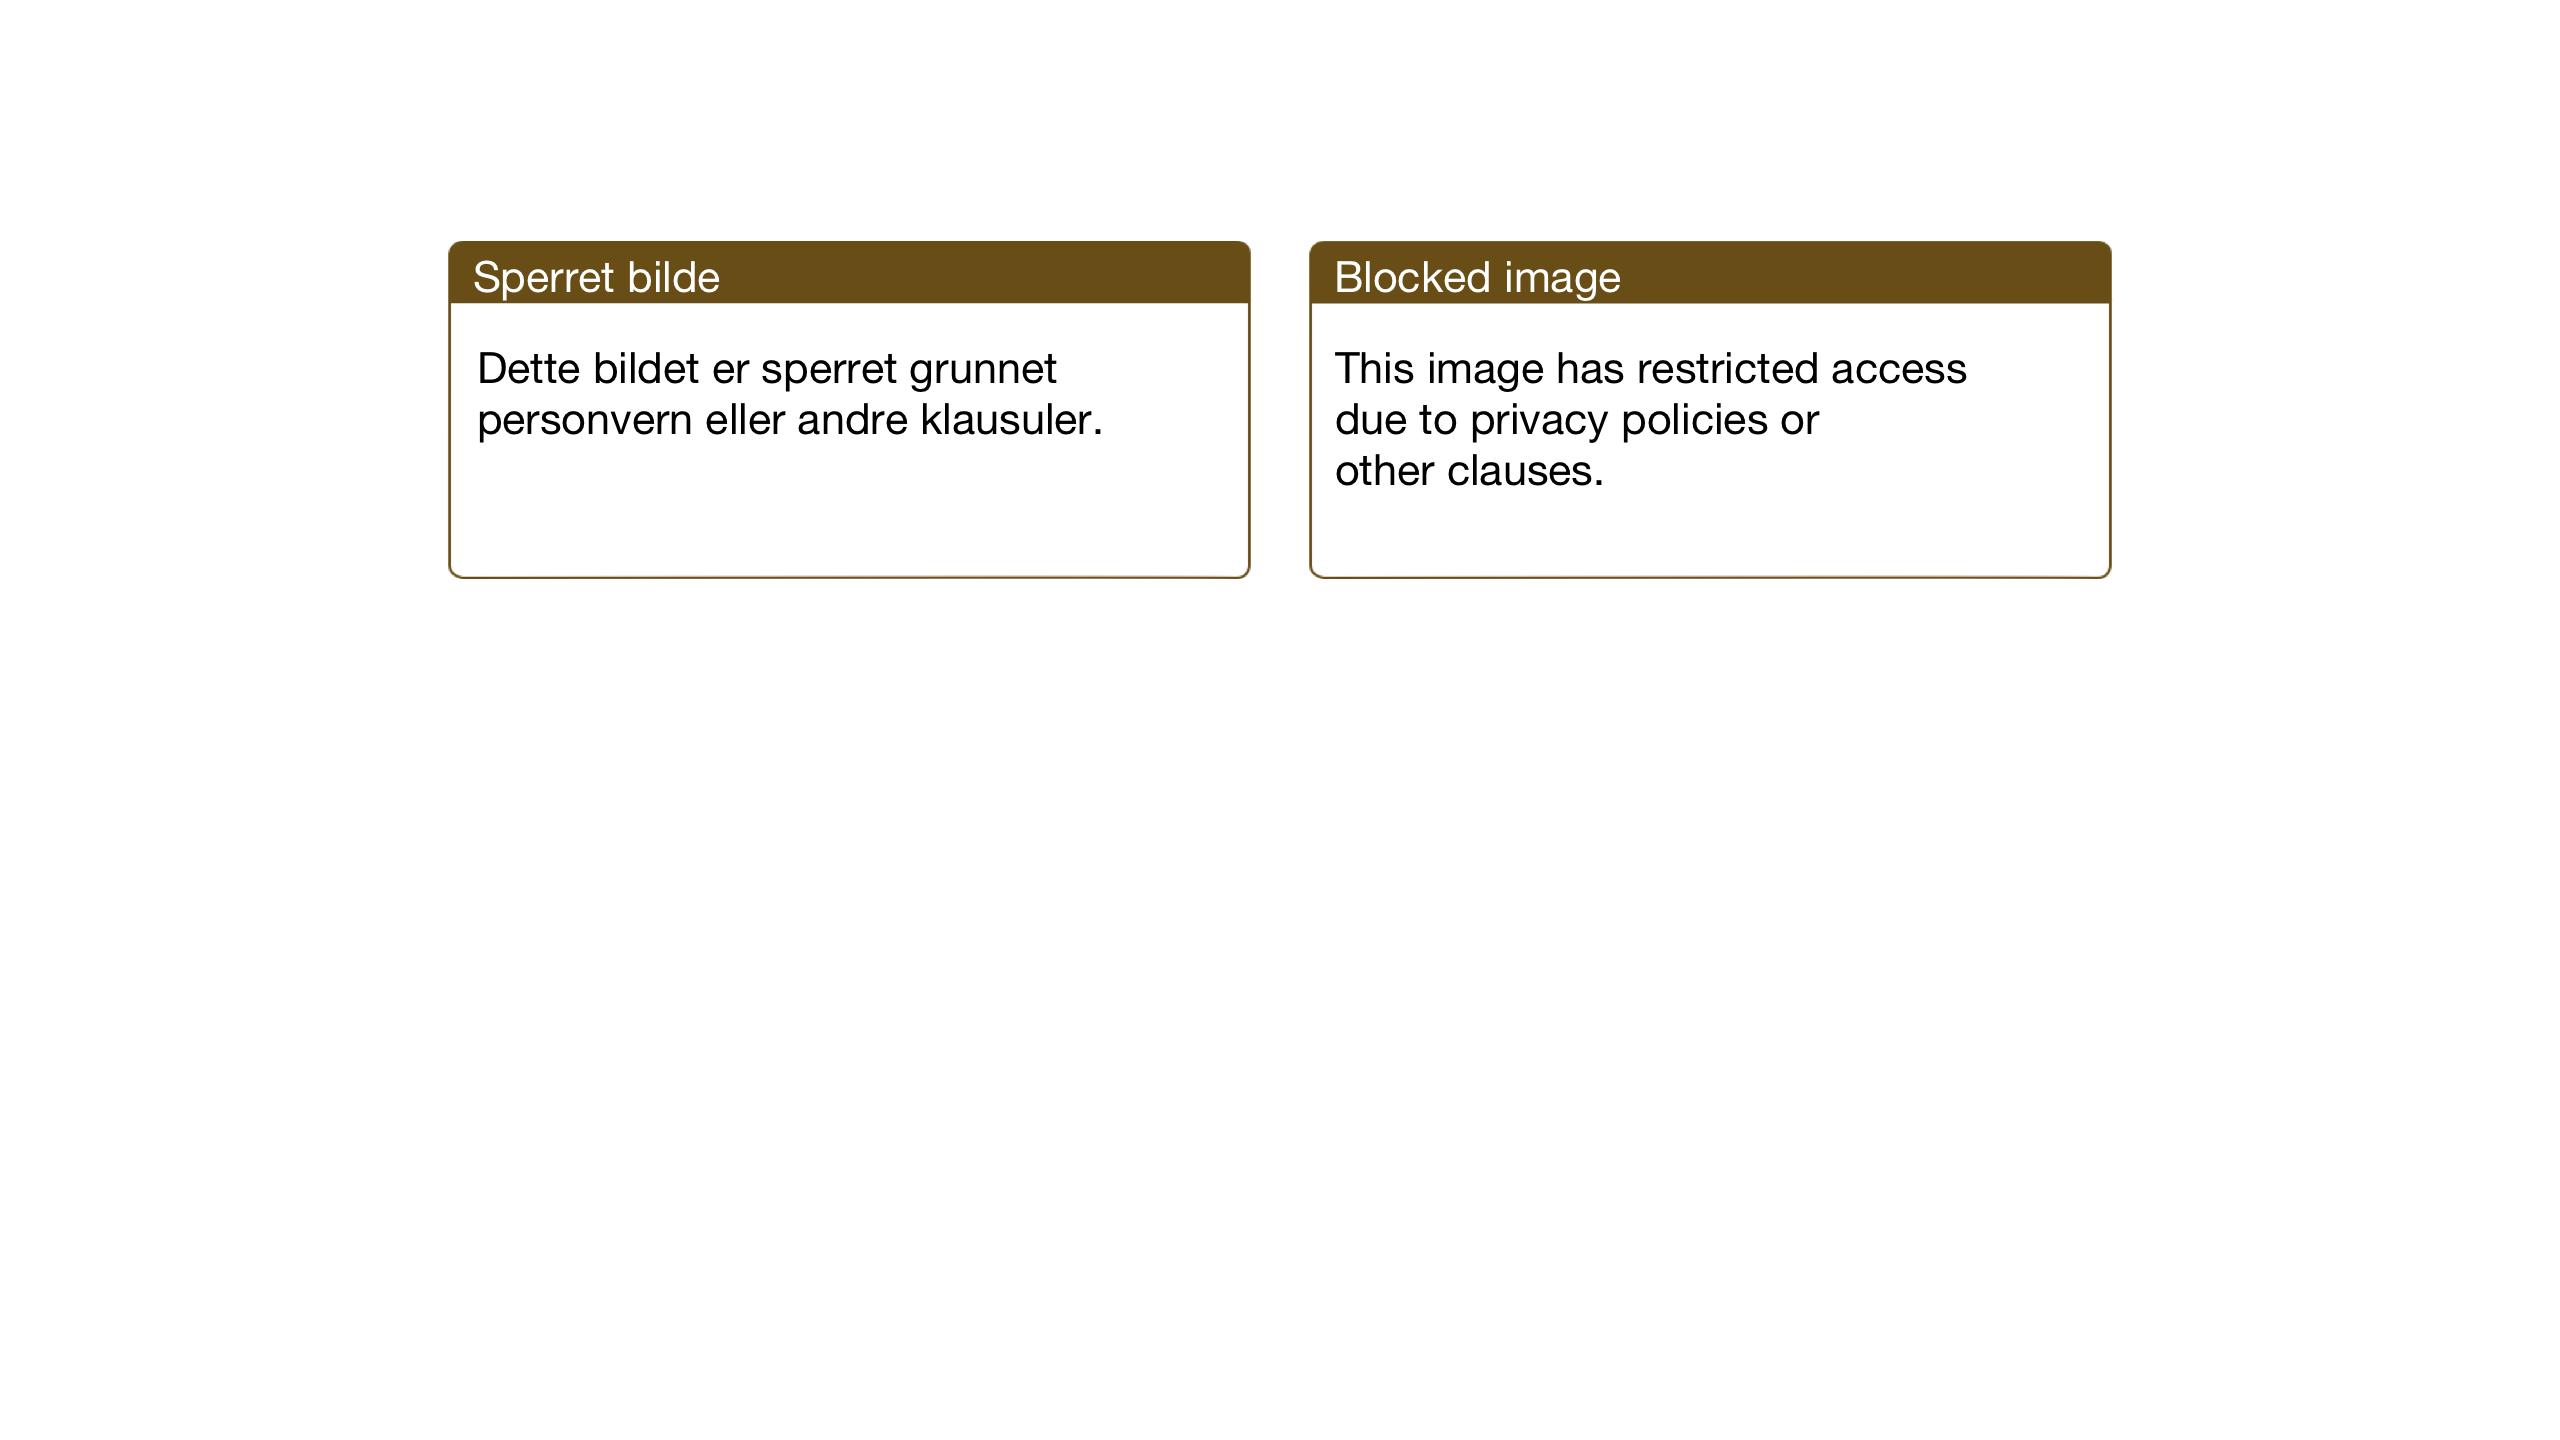 SAT, Ministerialprotokoller, klokkerbøker og fødselsregistre - Sør-Trøndelag, 621/L0462: Klokkerbok nr. 621C05, 1915-1945, s. 48